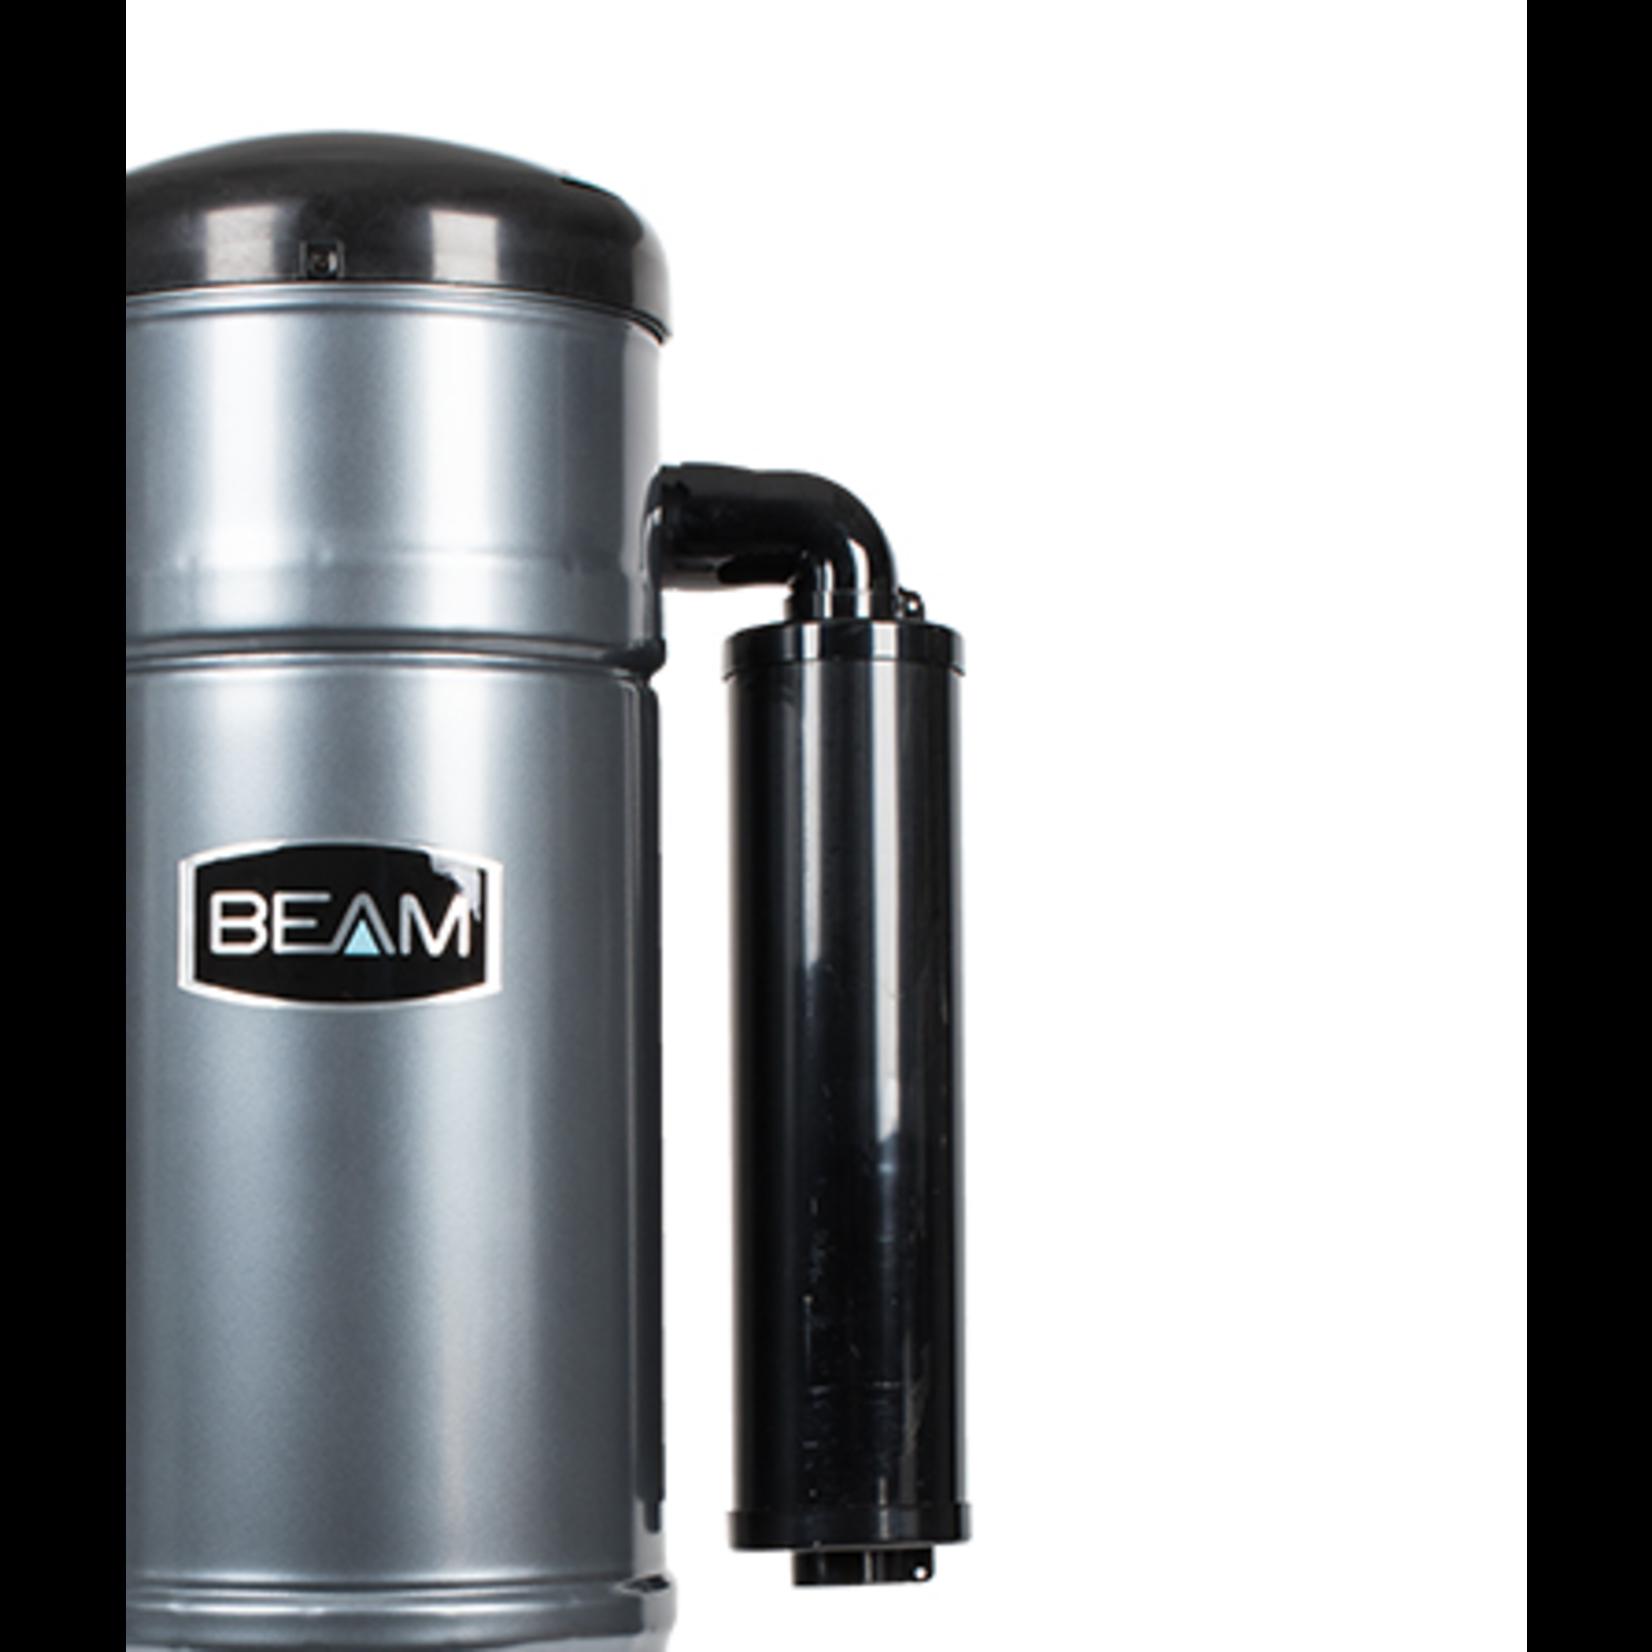 BEAM Beam Serenity Power Unit - 375